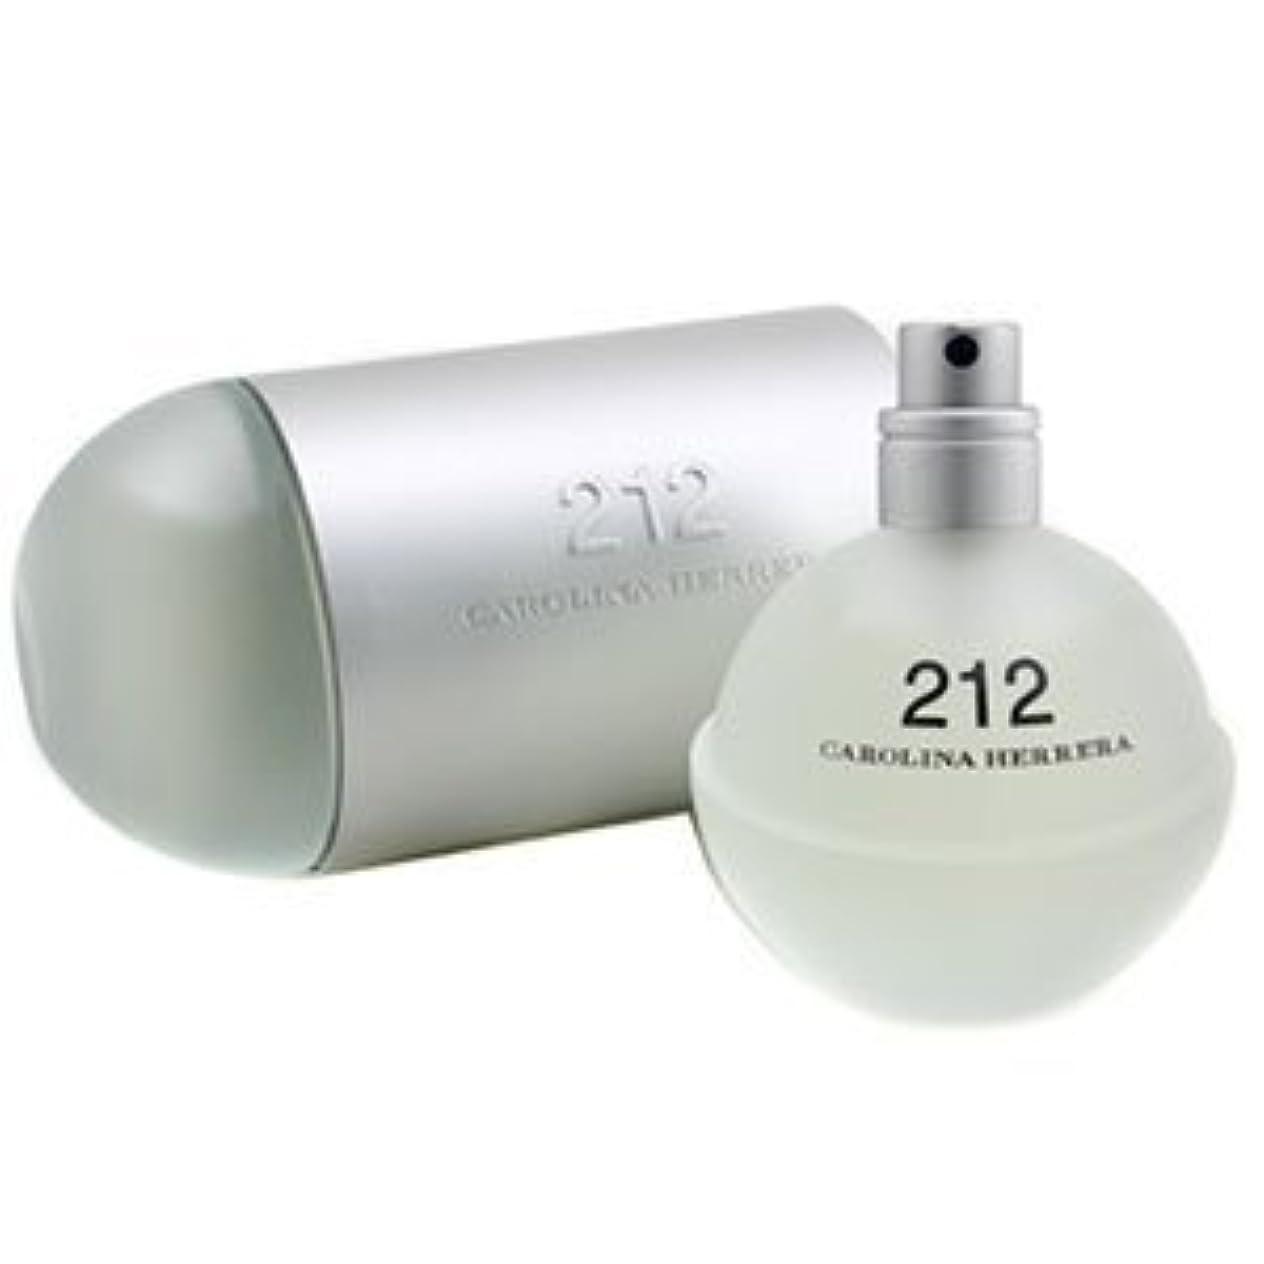 戸惑う粘り強い以降キャロライナ ヘレラ 香水 212 EDT SP 60ml ( 30ml ×2) 【並行輸入品】